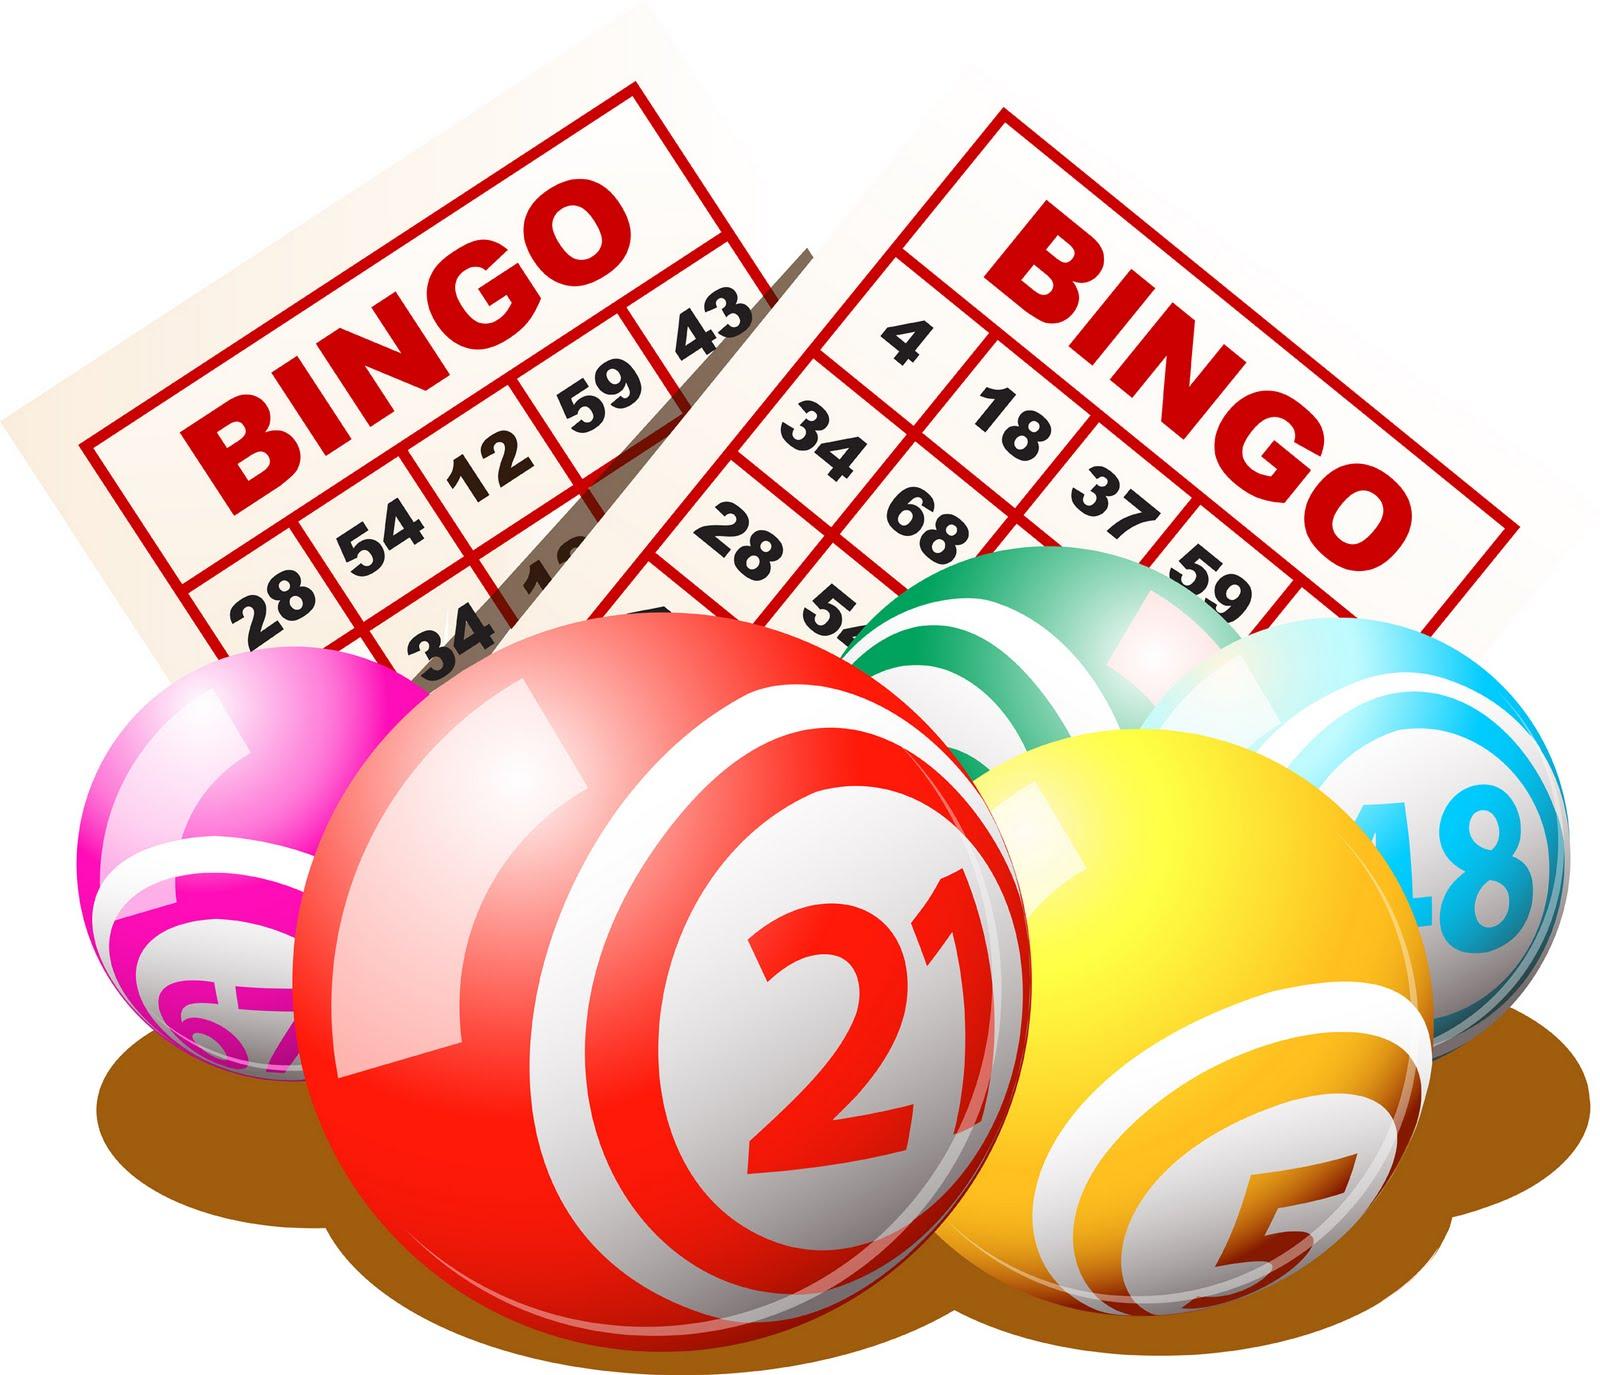 Los mejores picks de apuestas tragaperras normales casino-801358